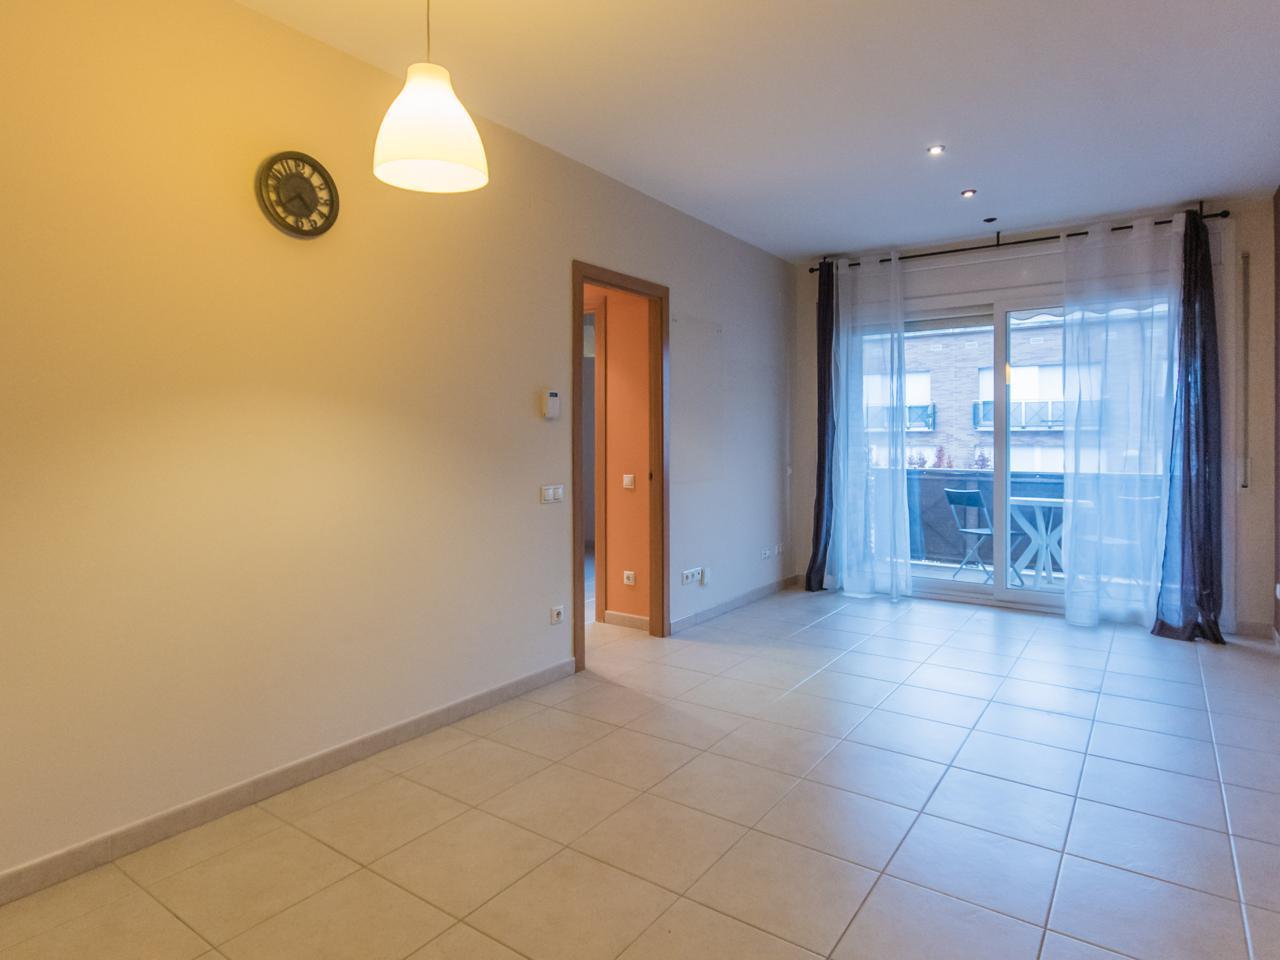 piso en montmelo · carrer-ayrton-senna-08160 197099€